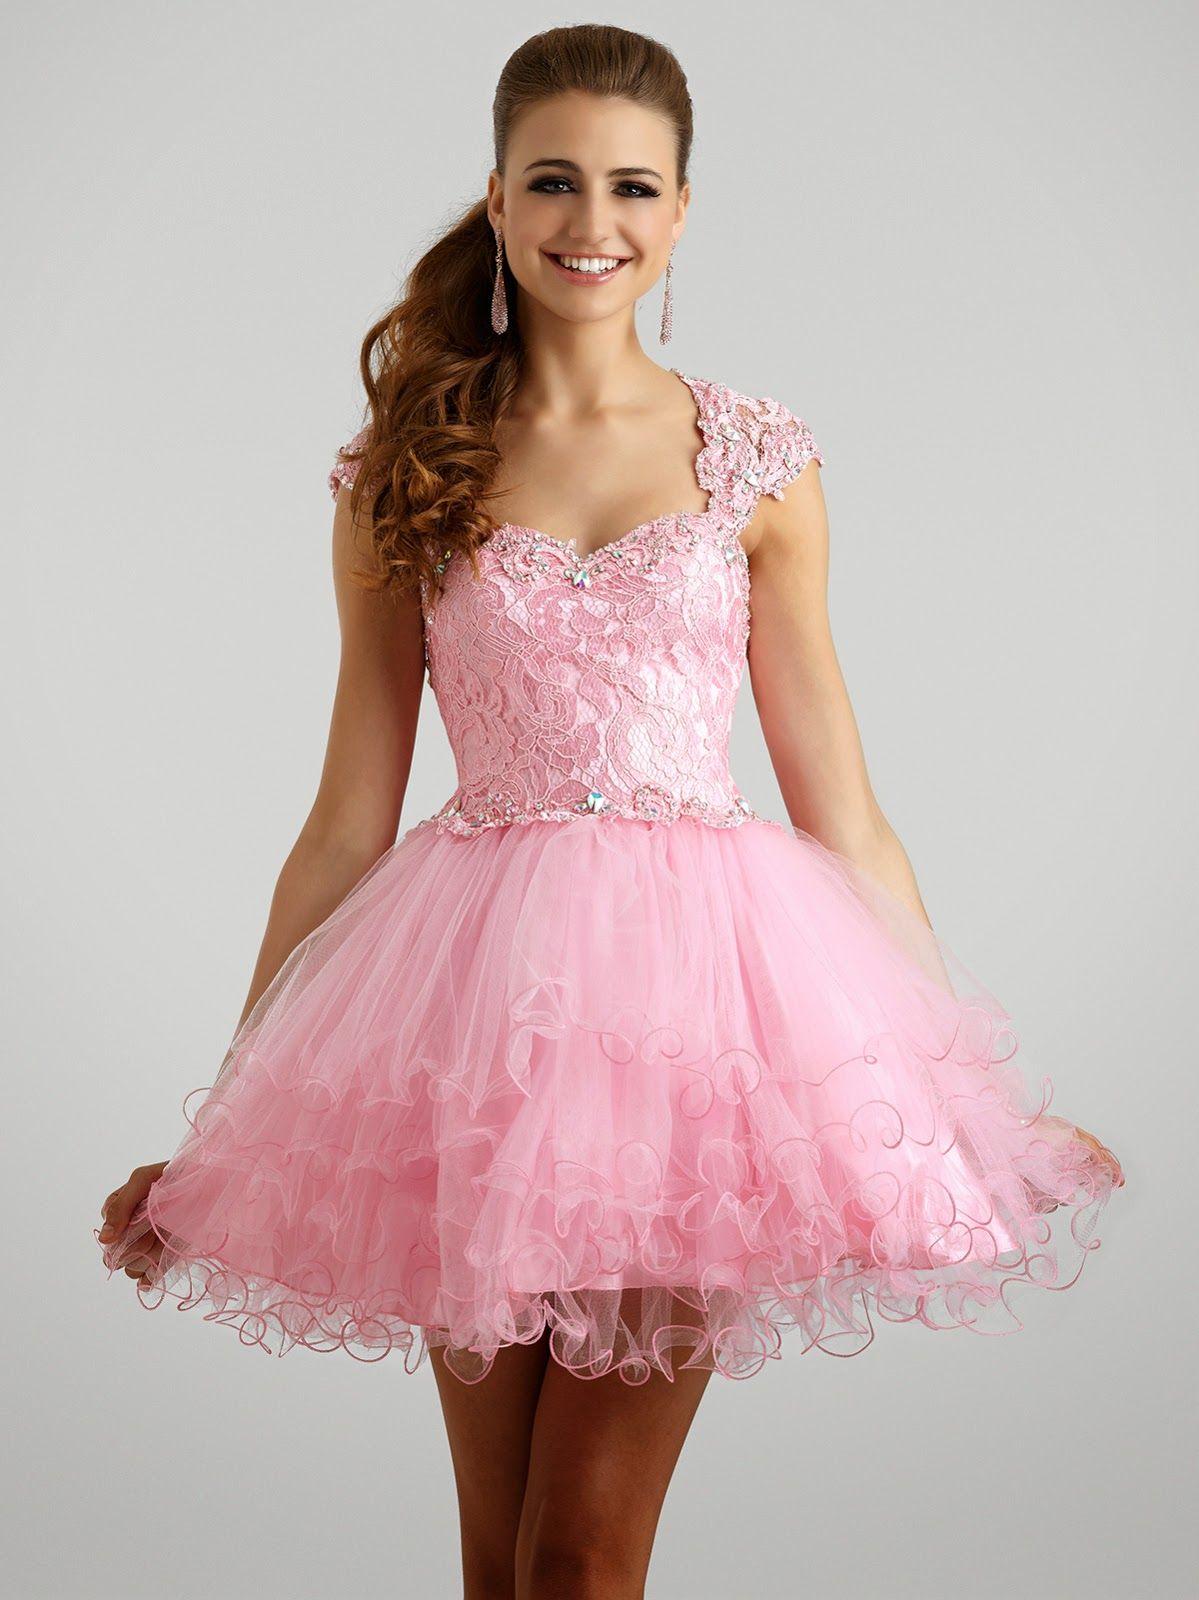 Grandiosos vestidos de quince años | Diseños increíbles de vestidos ...